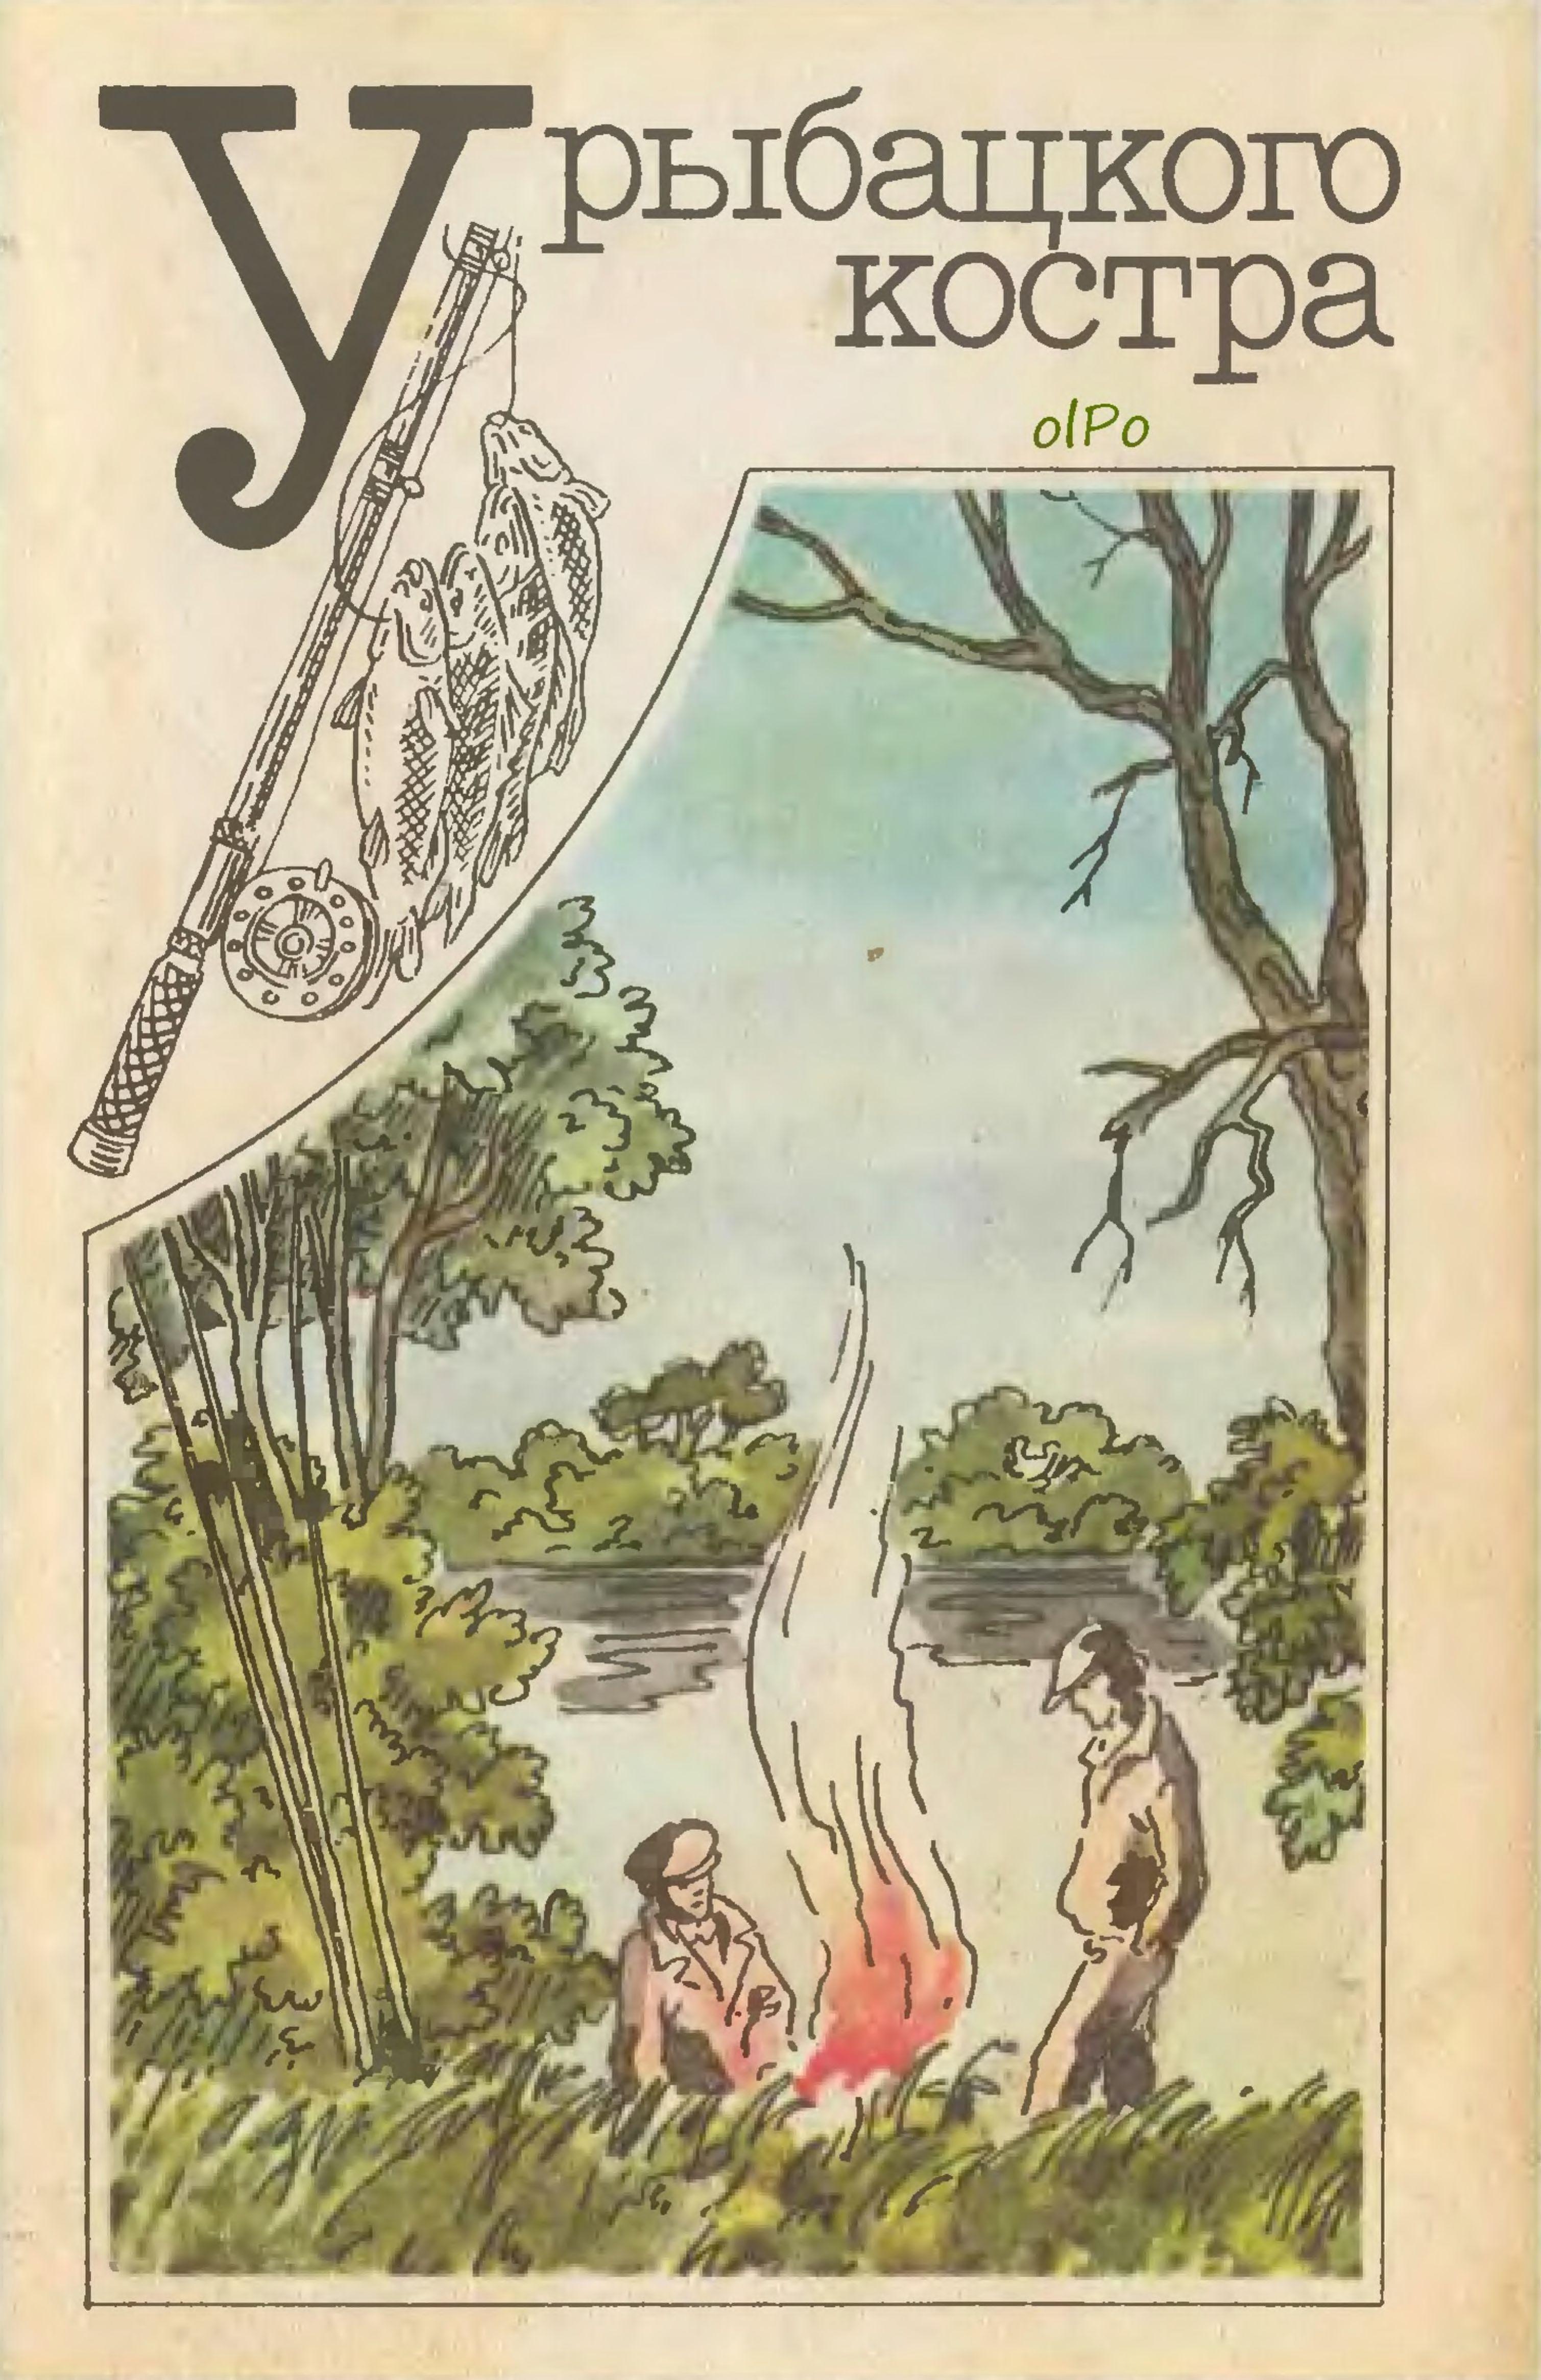 Автор неизвестен - У рыбацкого костра скачать бесплатно